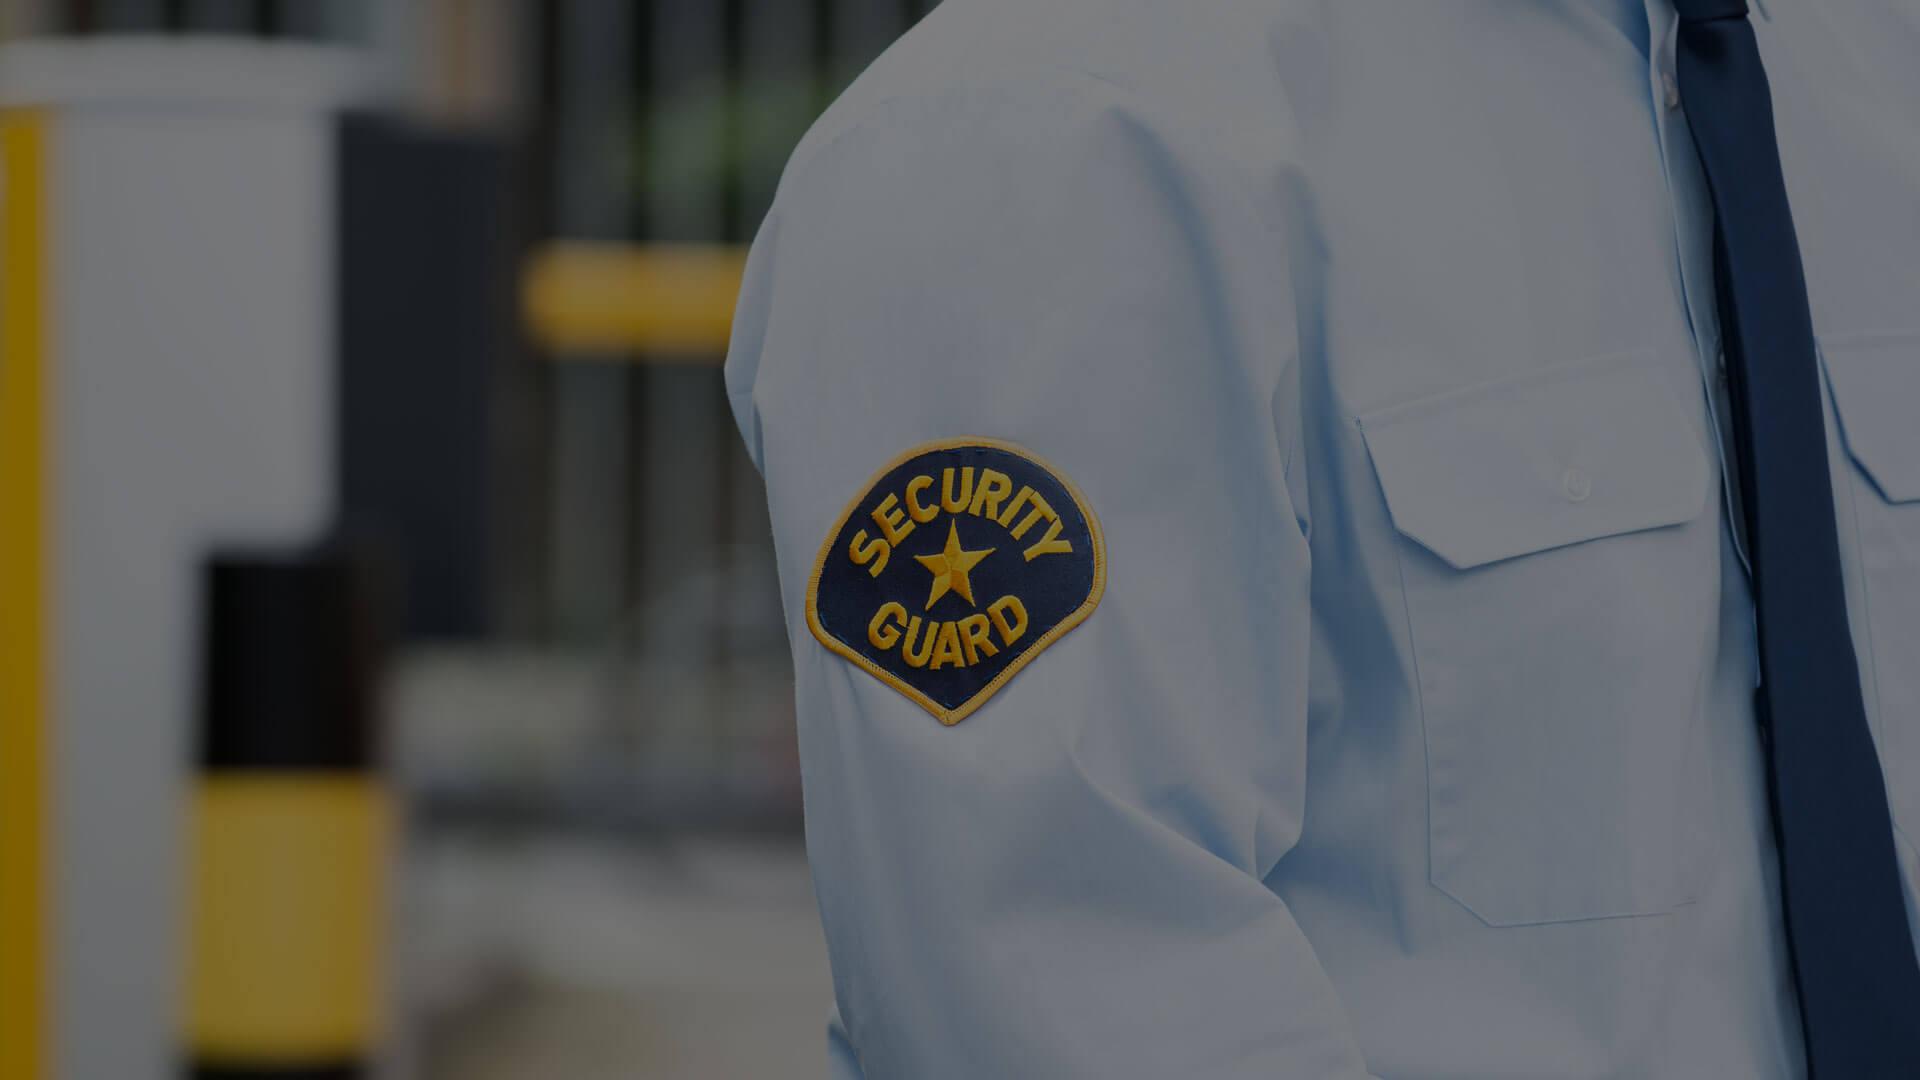 Ihm Revierdienst übernehmen wir Sicherheitsbegehungen Ihres Firmengebäudes